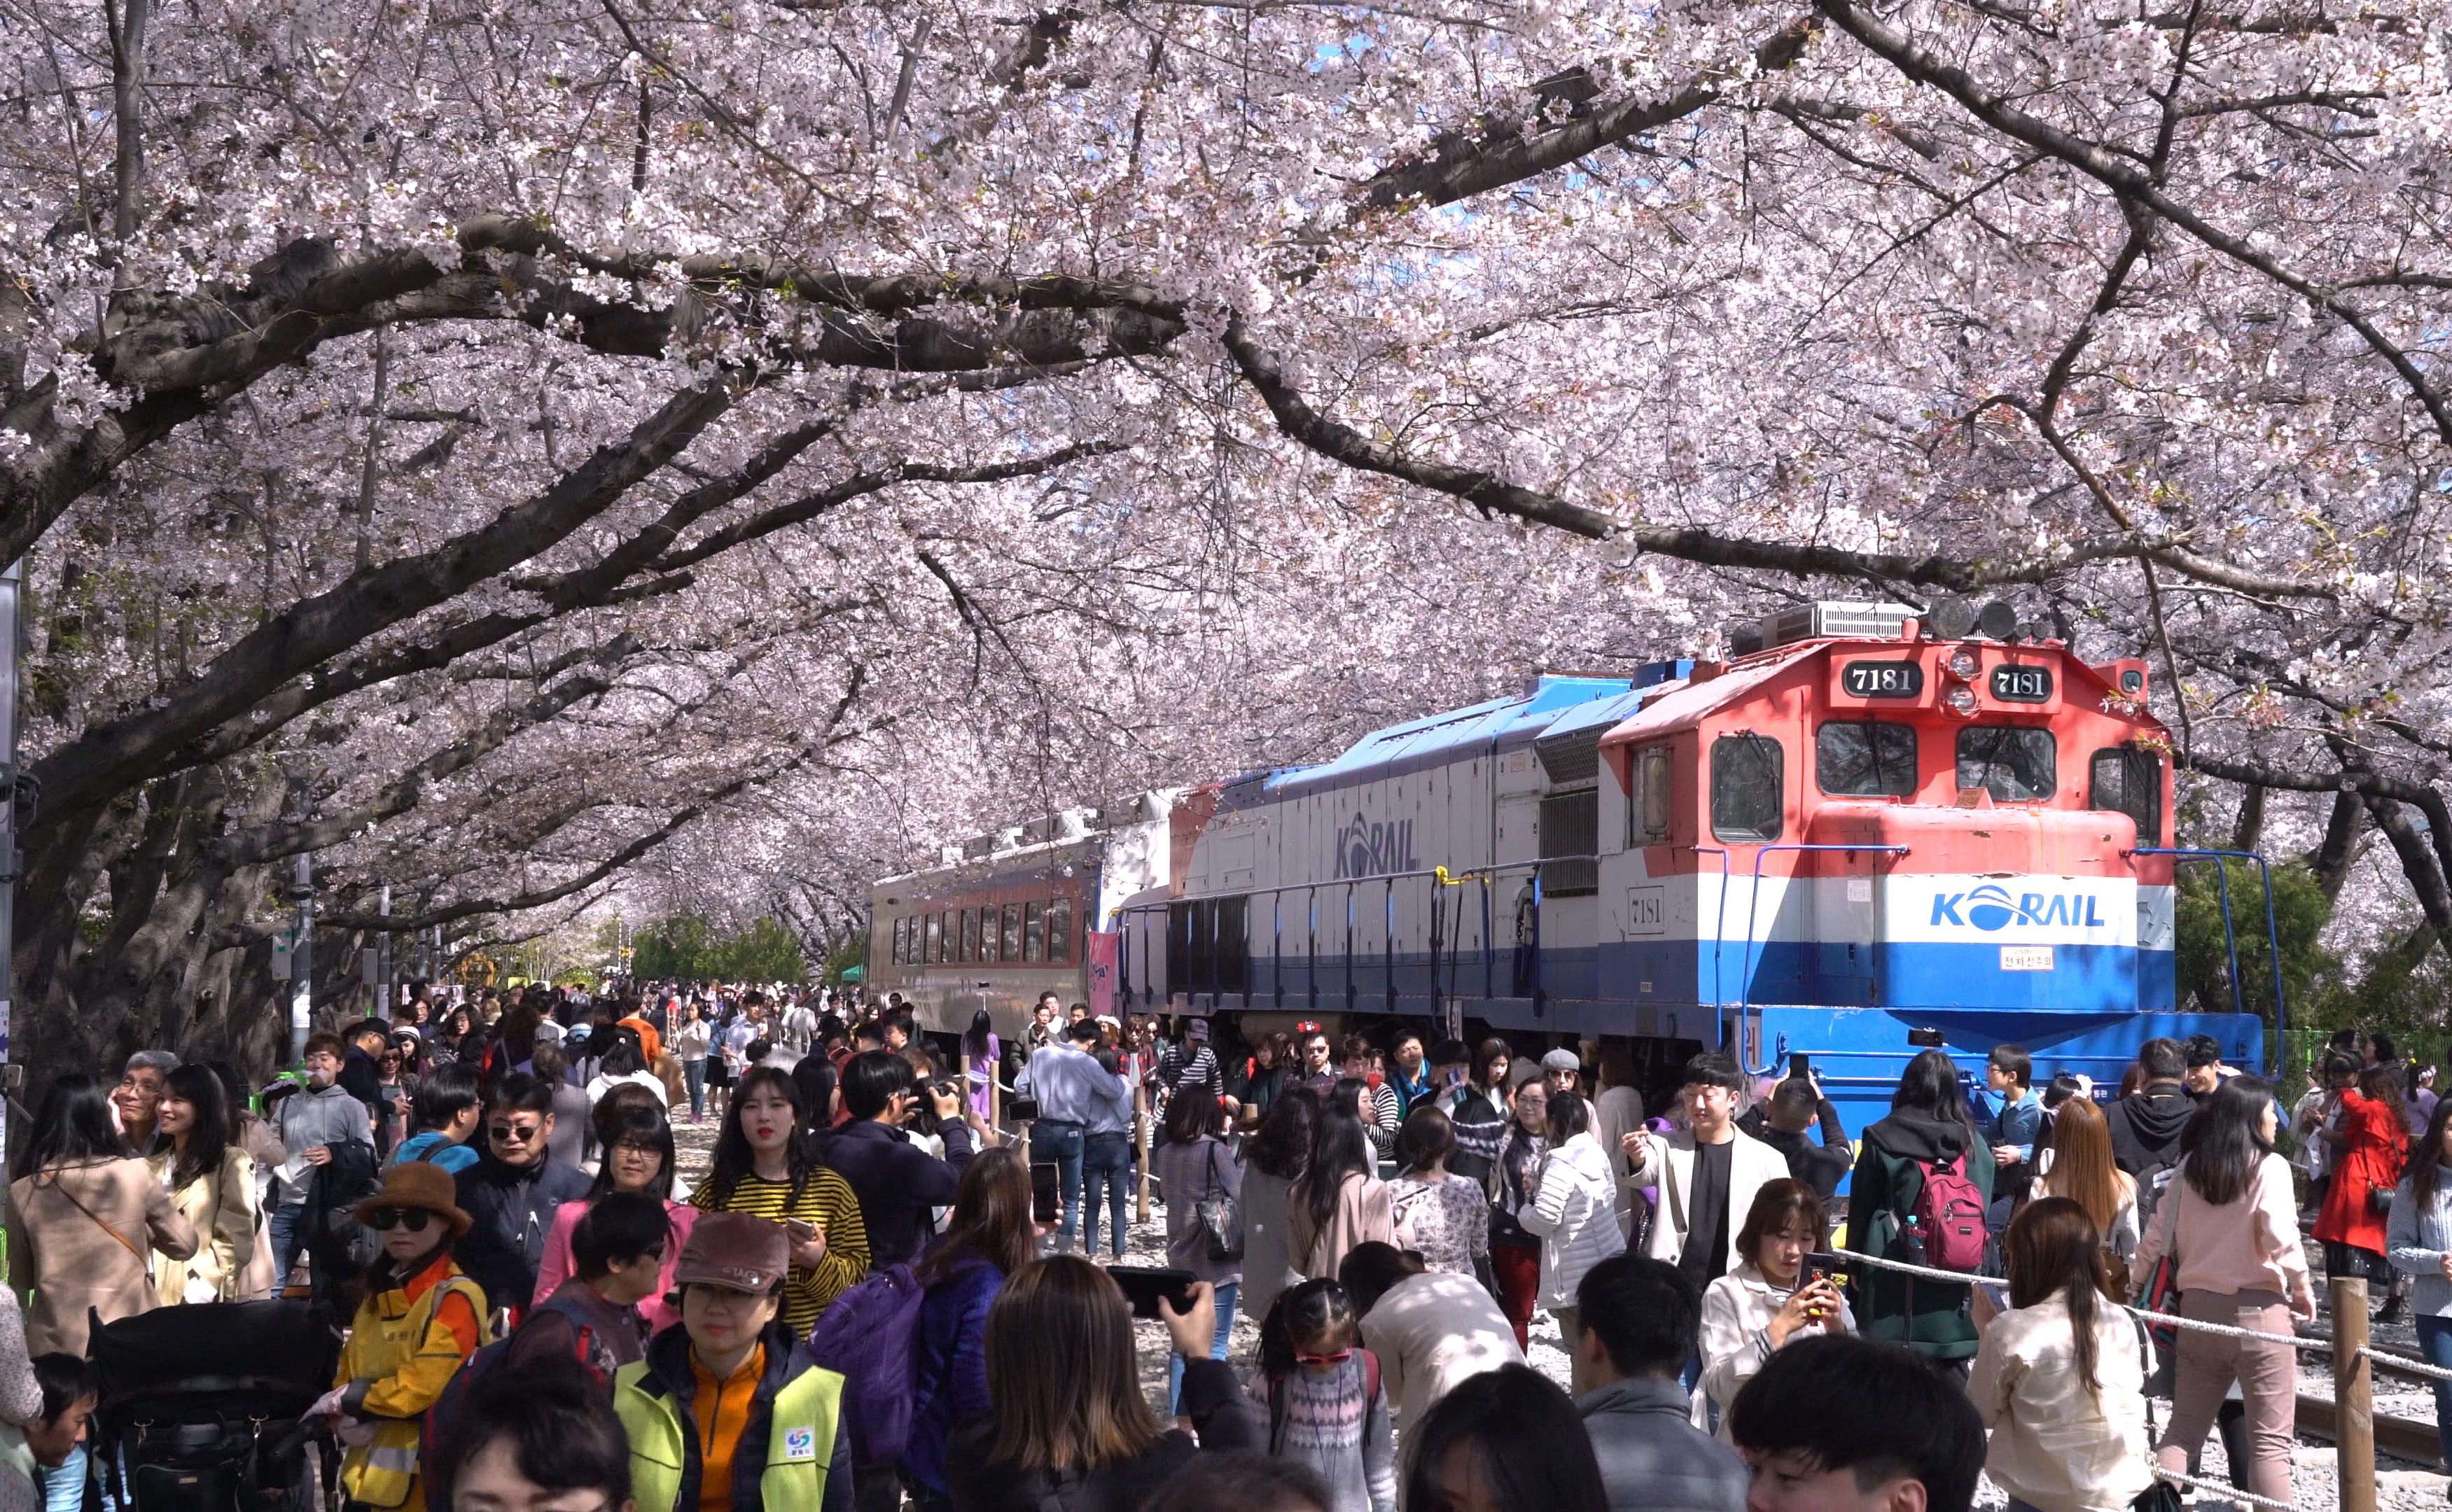 Day trip to Gunhangje, Korea's largest cherry blossom festival